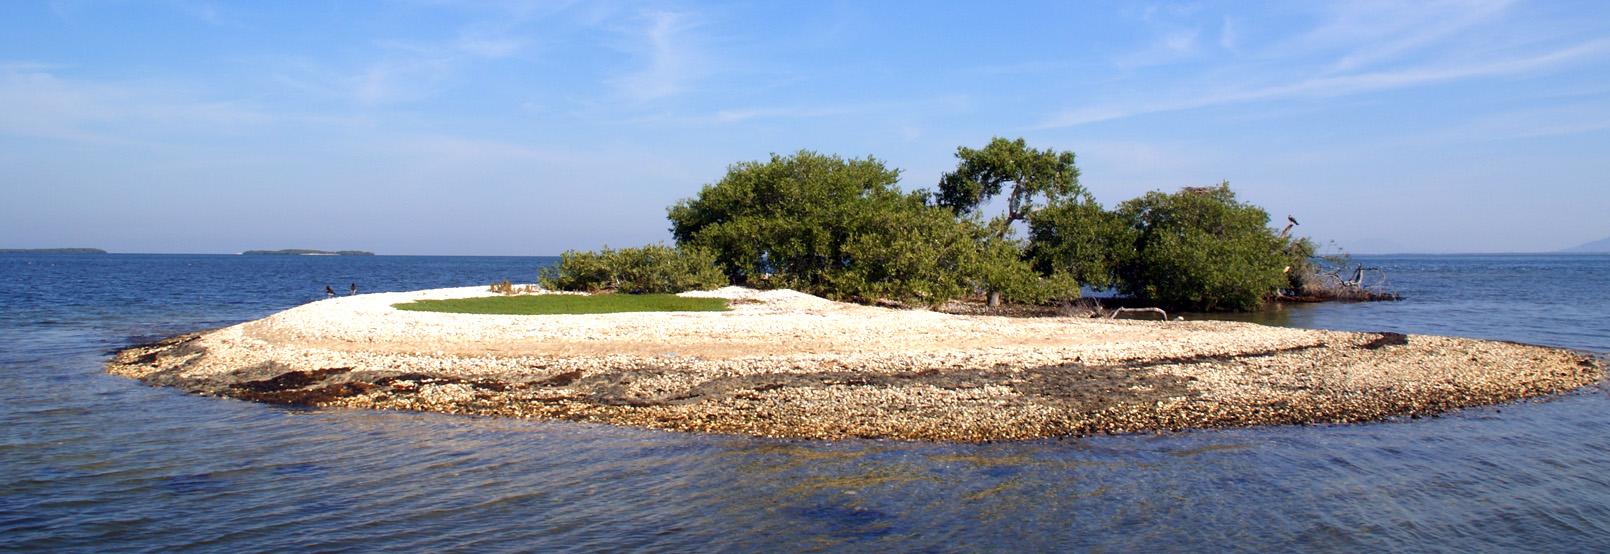 Maravillas naturales en sinaloa for Villas tortuga celestino gasca sinaloa